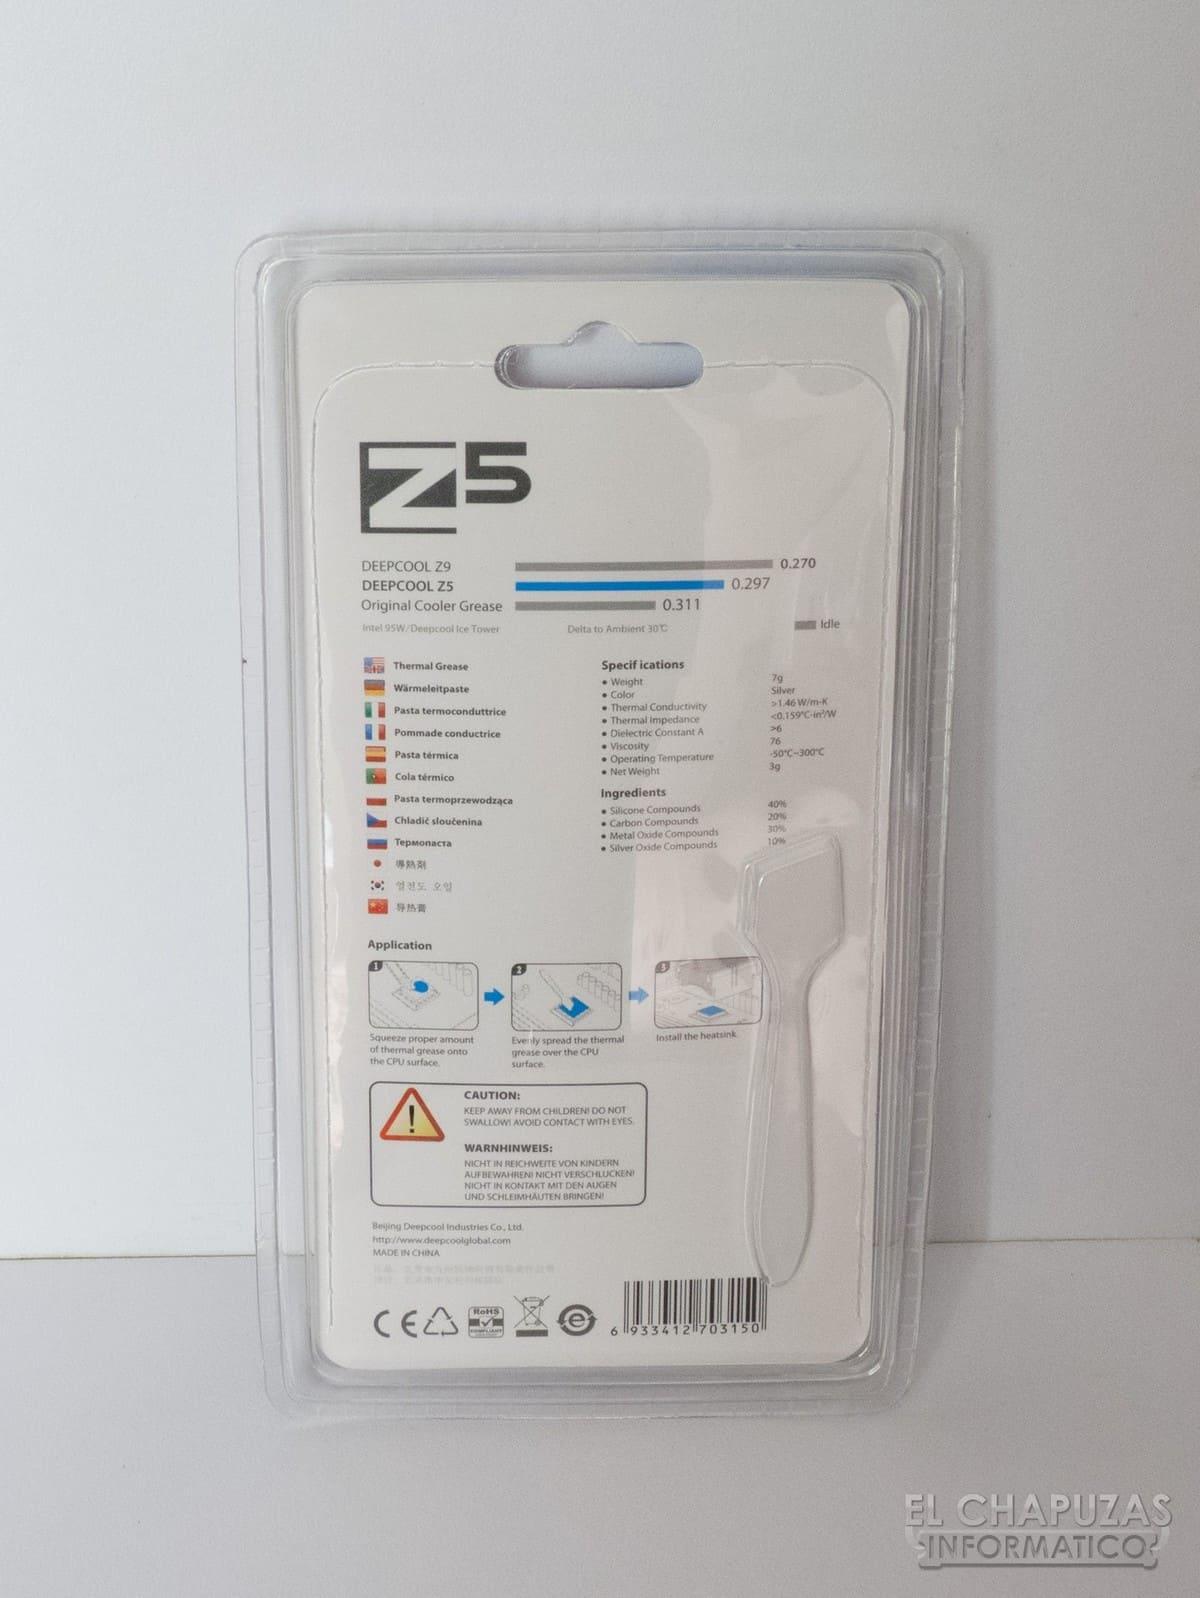 Review Deepcool Z5 Deep Cool 02 600x798 1